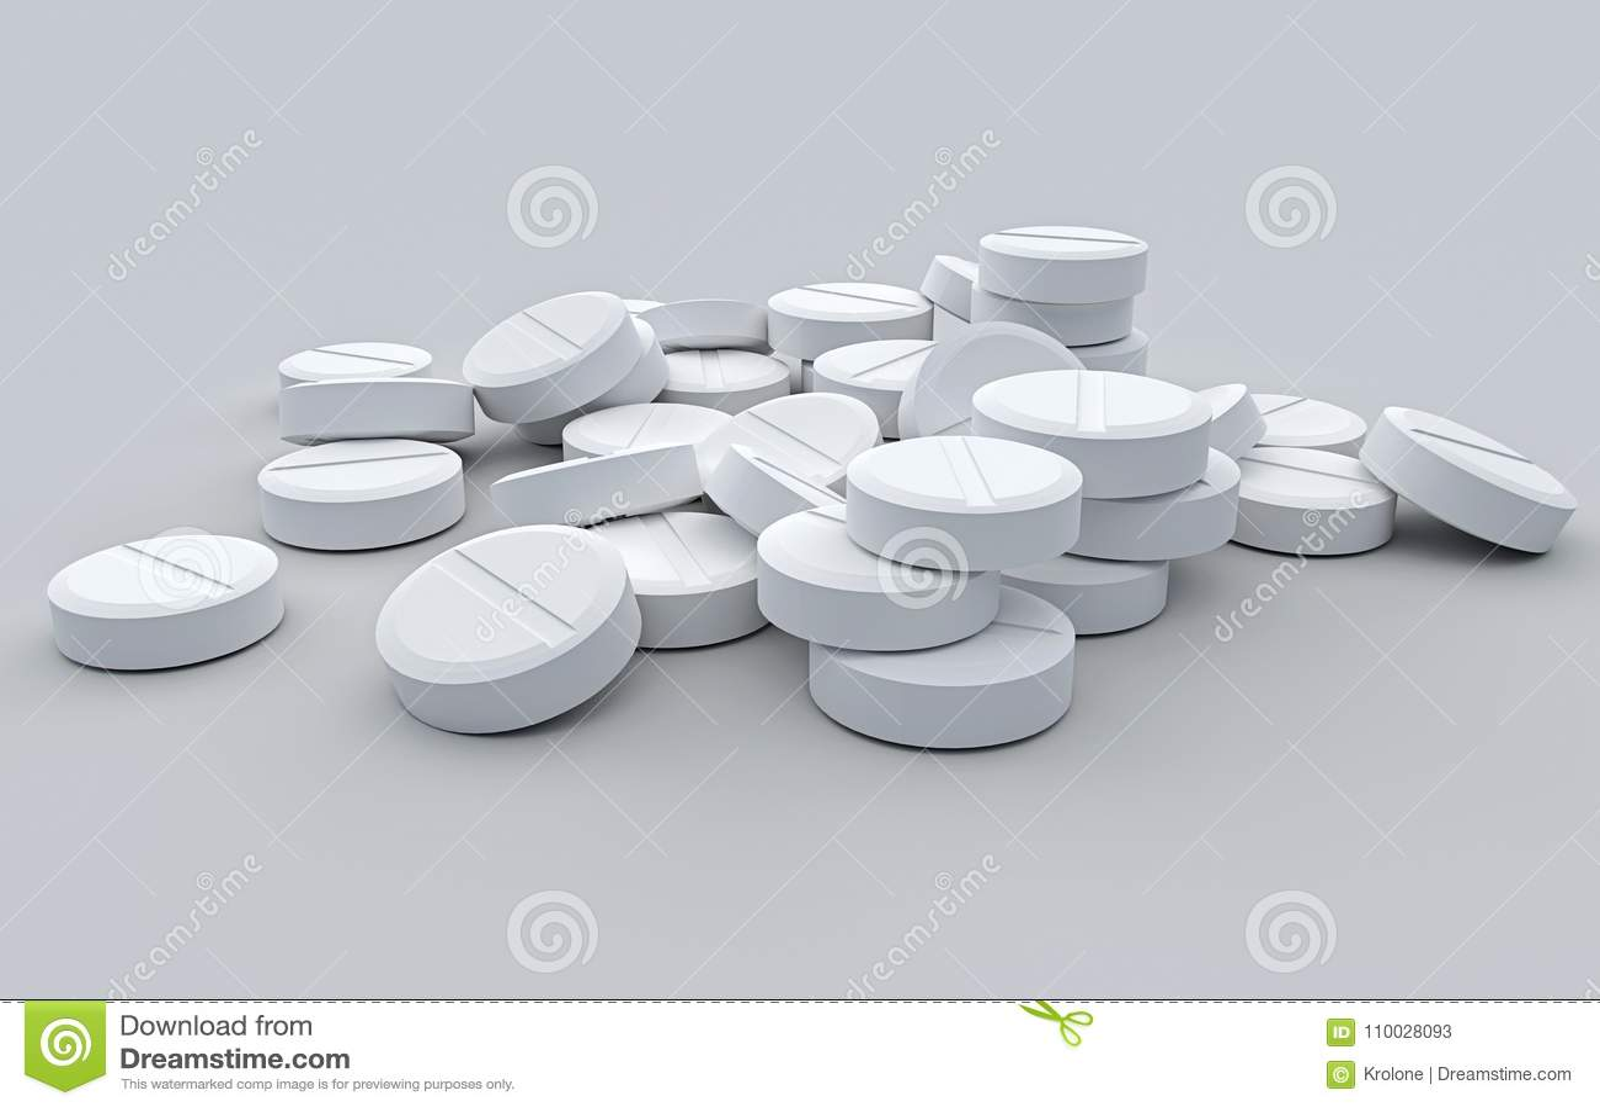 De witte tablet op een grijze achtergrond